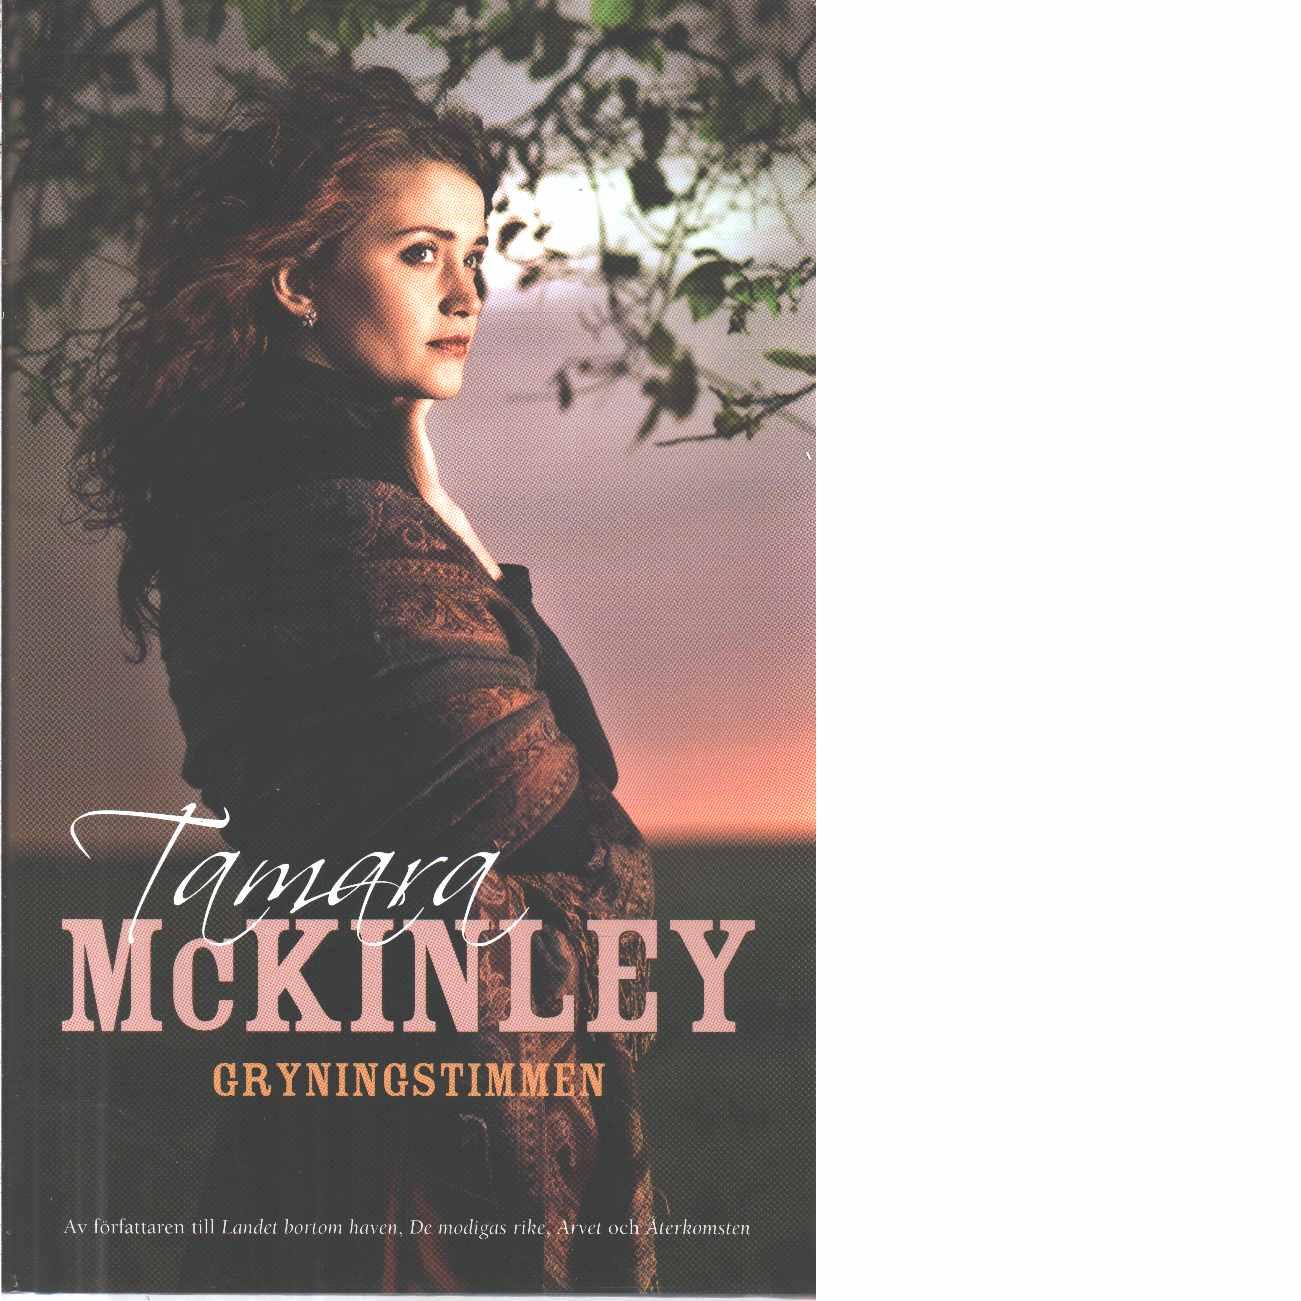 Gryningstimmen - Mckinley, Tamara